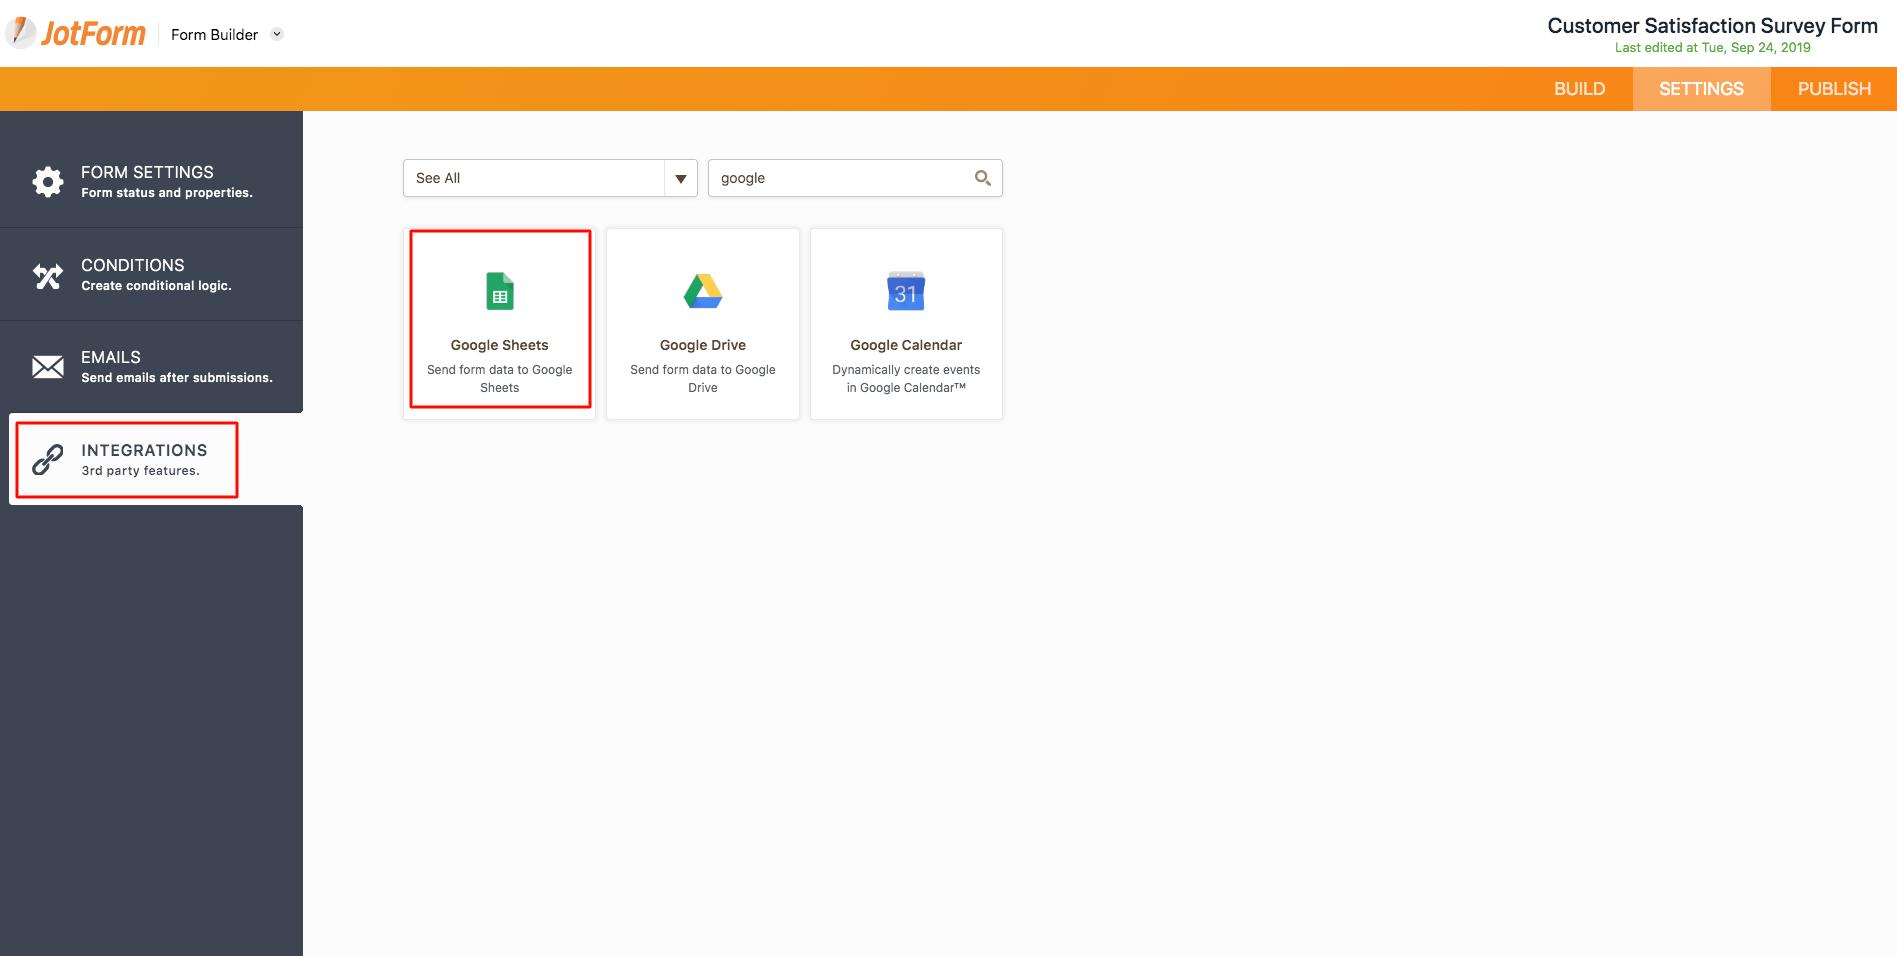 JotForm Google sheets integrations tab